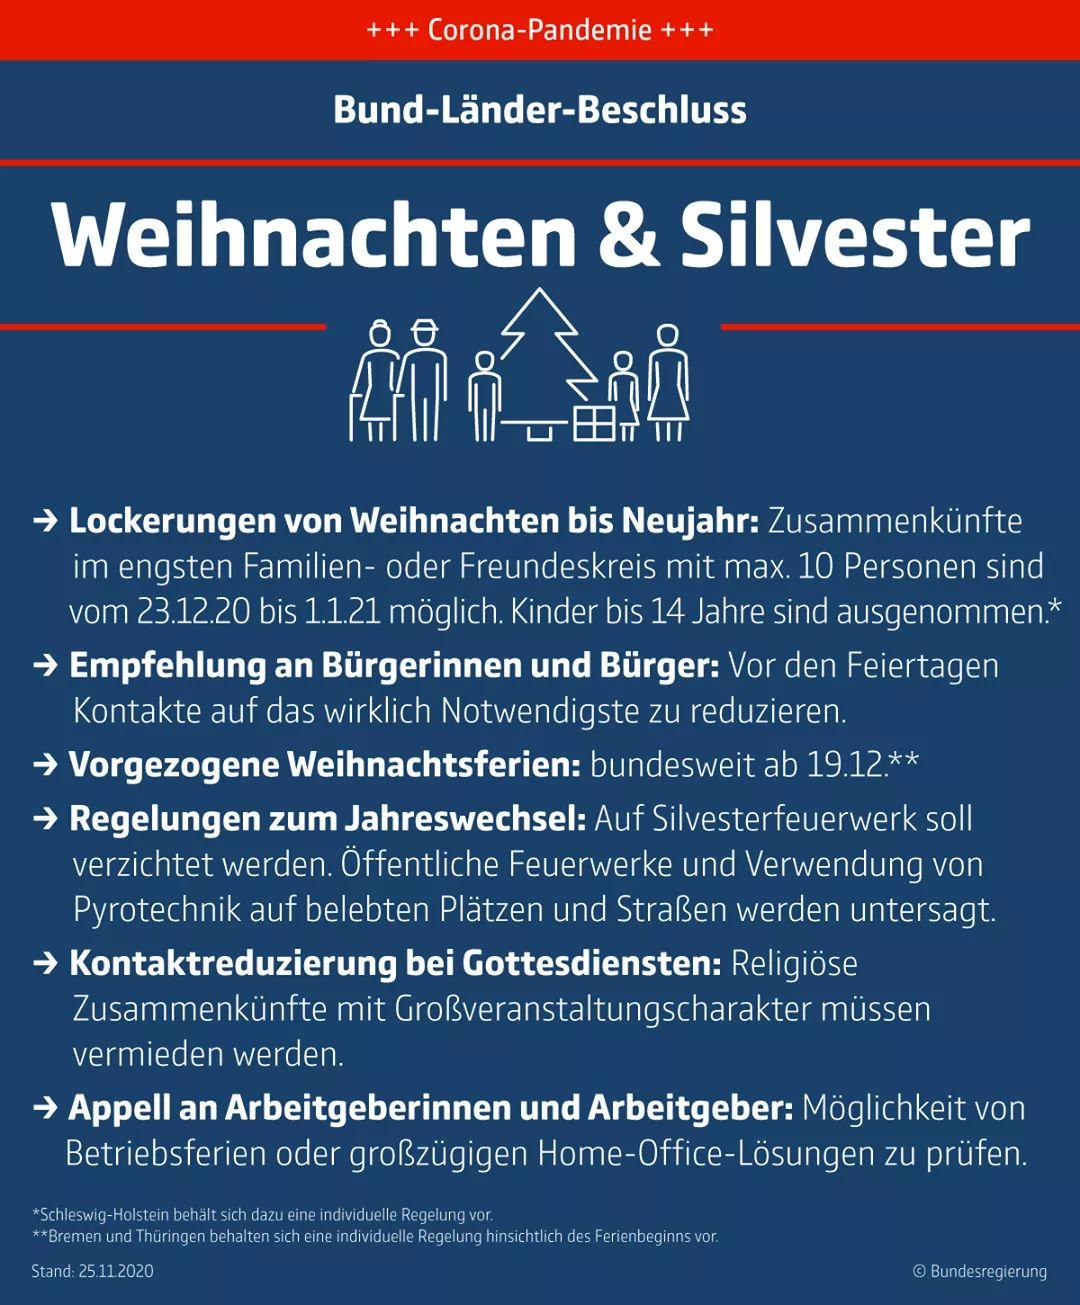 """Bund-Länder-Beschluss zum Thema """"Weihnachten und Silvester"""". Bildquelle: Bundesregierung"""